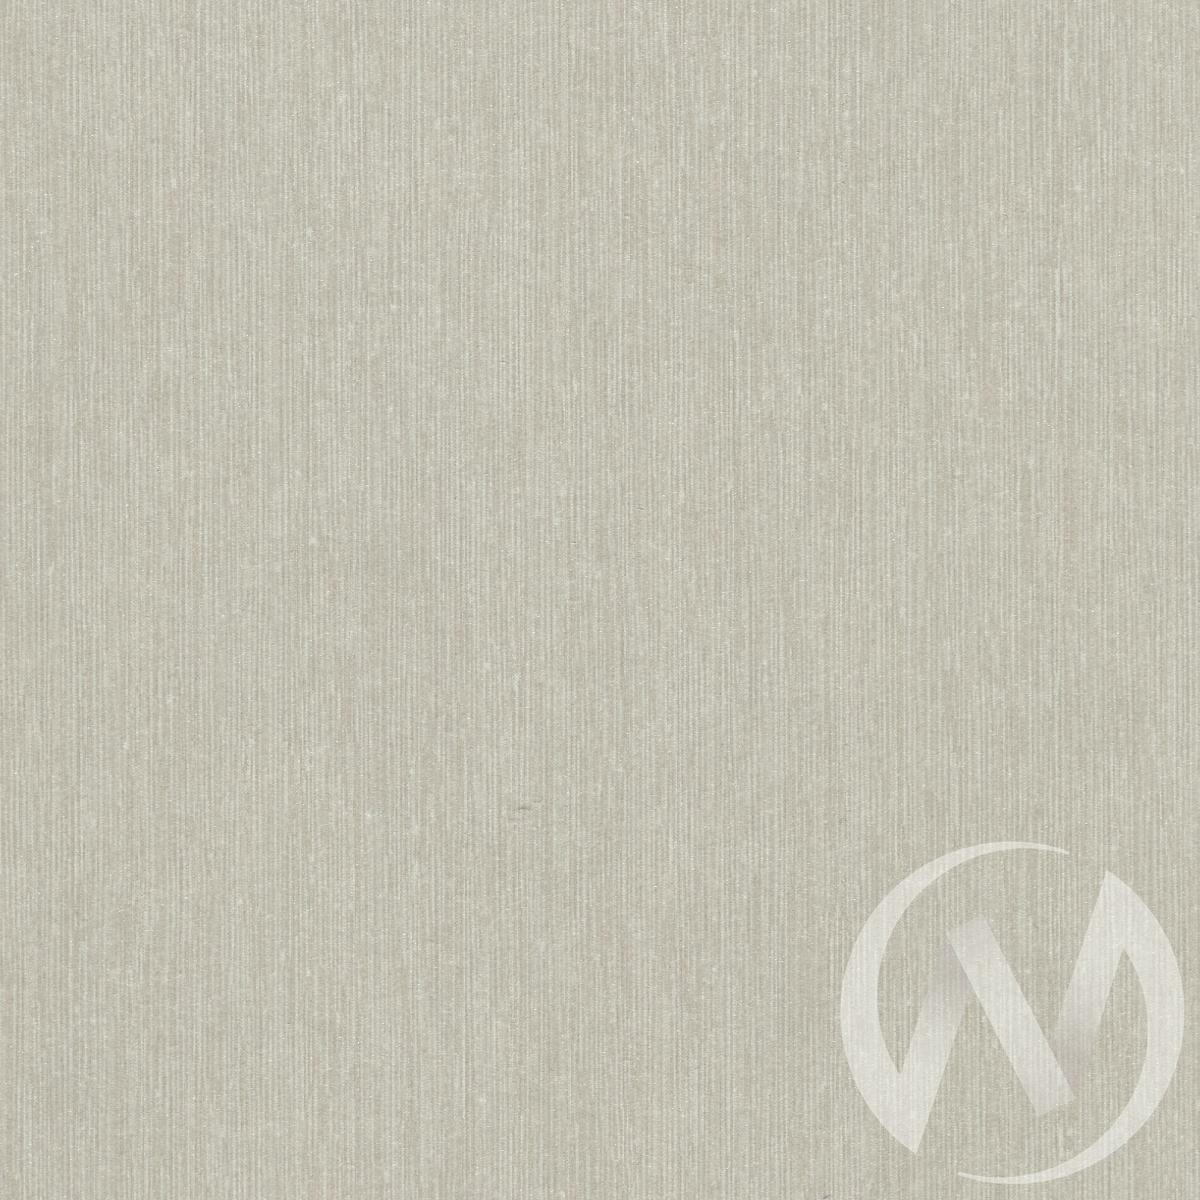 Кромка для столешницы б/к 3000*32мм (№ 143а бежевый металл)  в Томске — интернет магазин МИРА-мебель